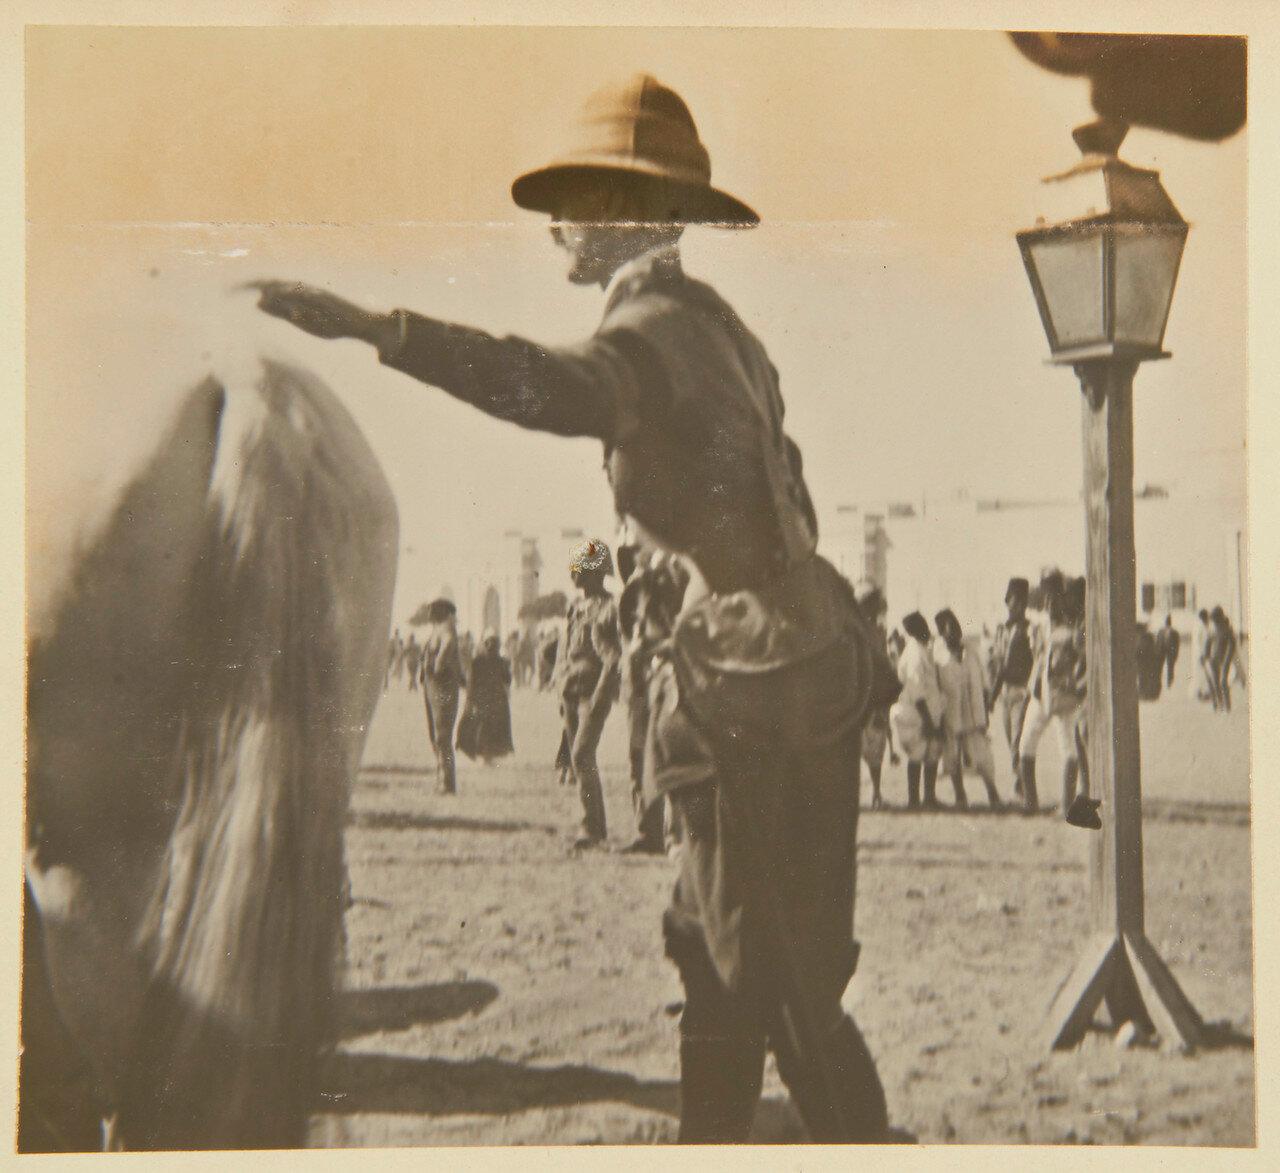 Лейтенант Чейтор Бринтон, 2-й лейб-гвардейский конный полк, прикомандированный к 21-му уланскому полку покидает Каир